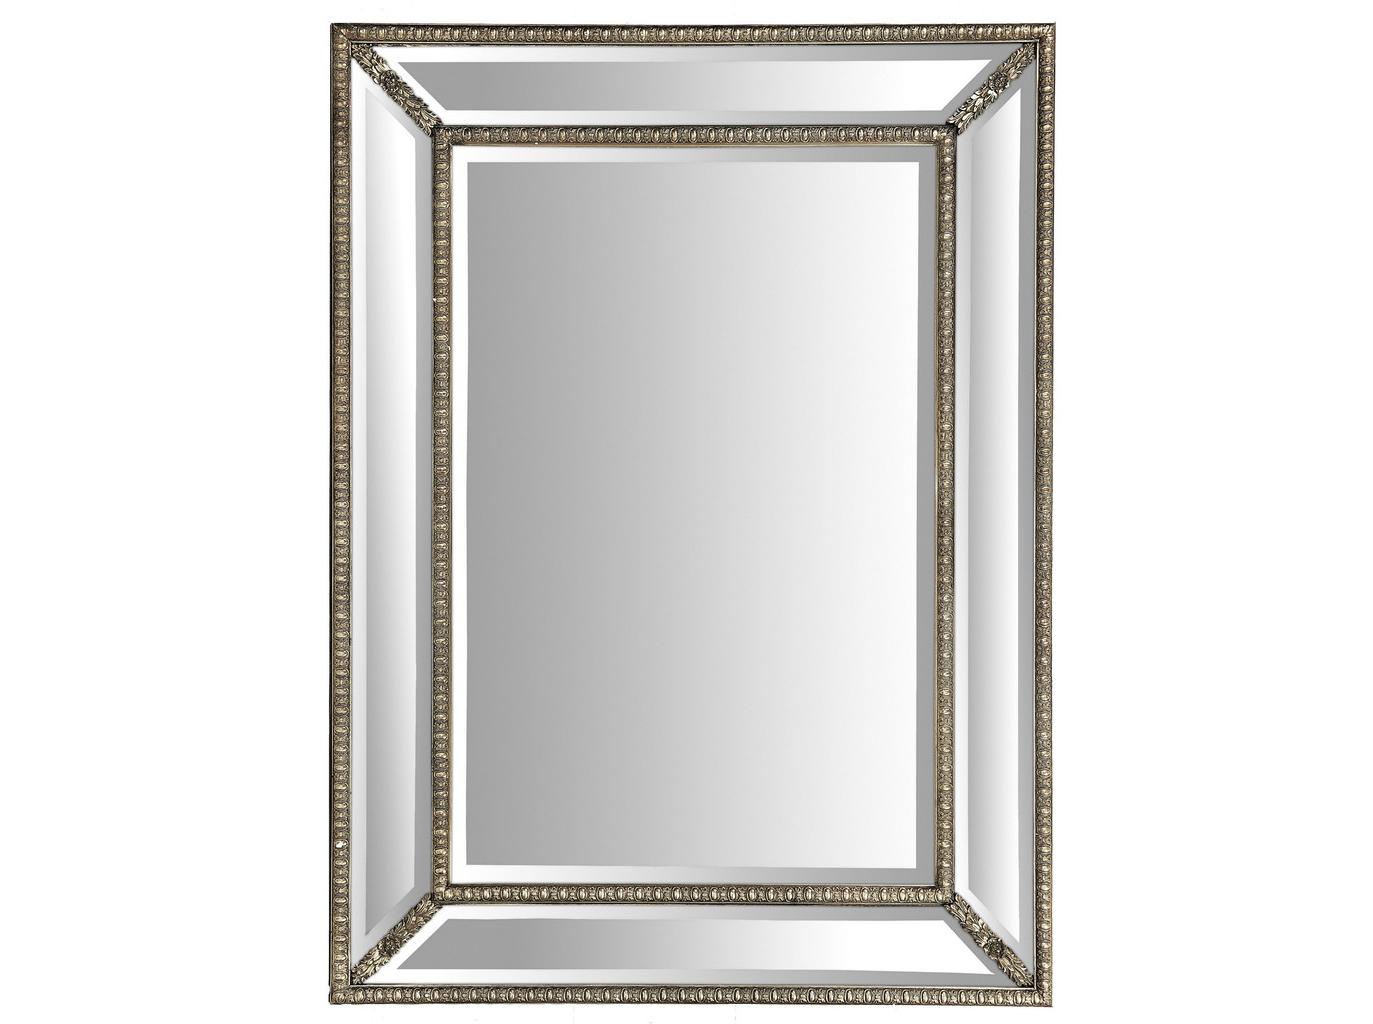 Зеркало ДжонатанНастенные зеркала<br>Крепления входят в стоимость.<br><br>Material: Пластик<br>Width см: 90<br>Height см: 120